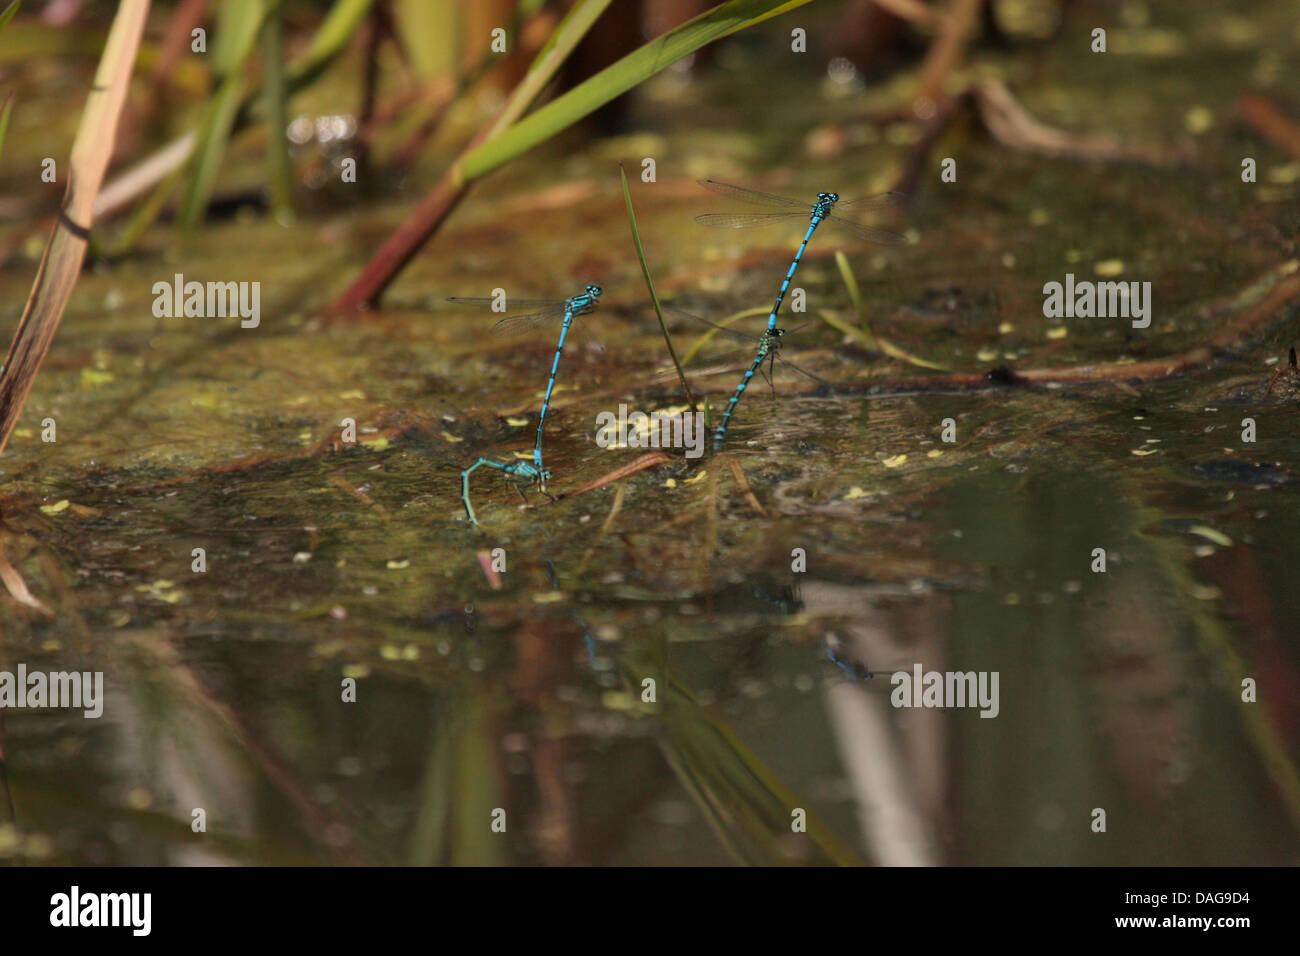 Blaue Libellen Paarung und Eiablage Stockbild